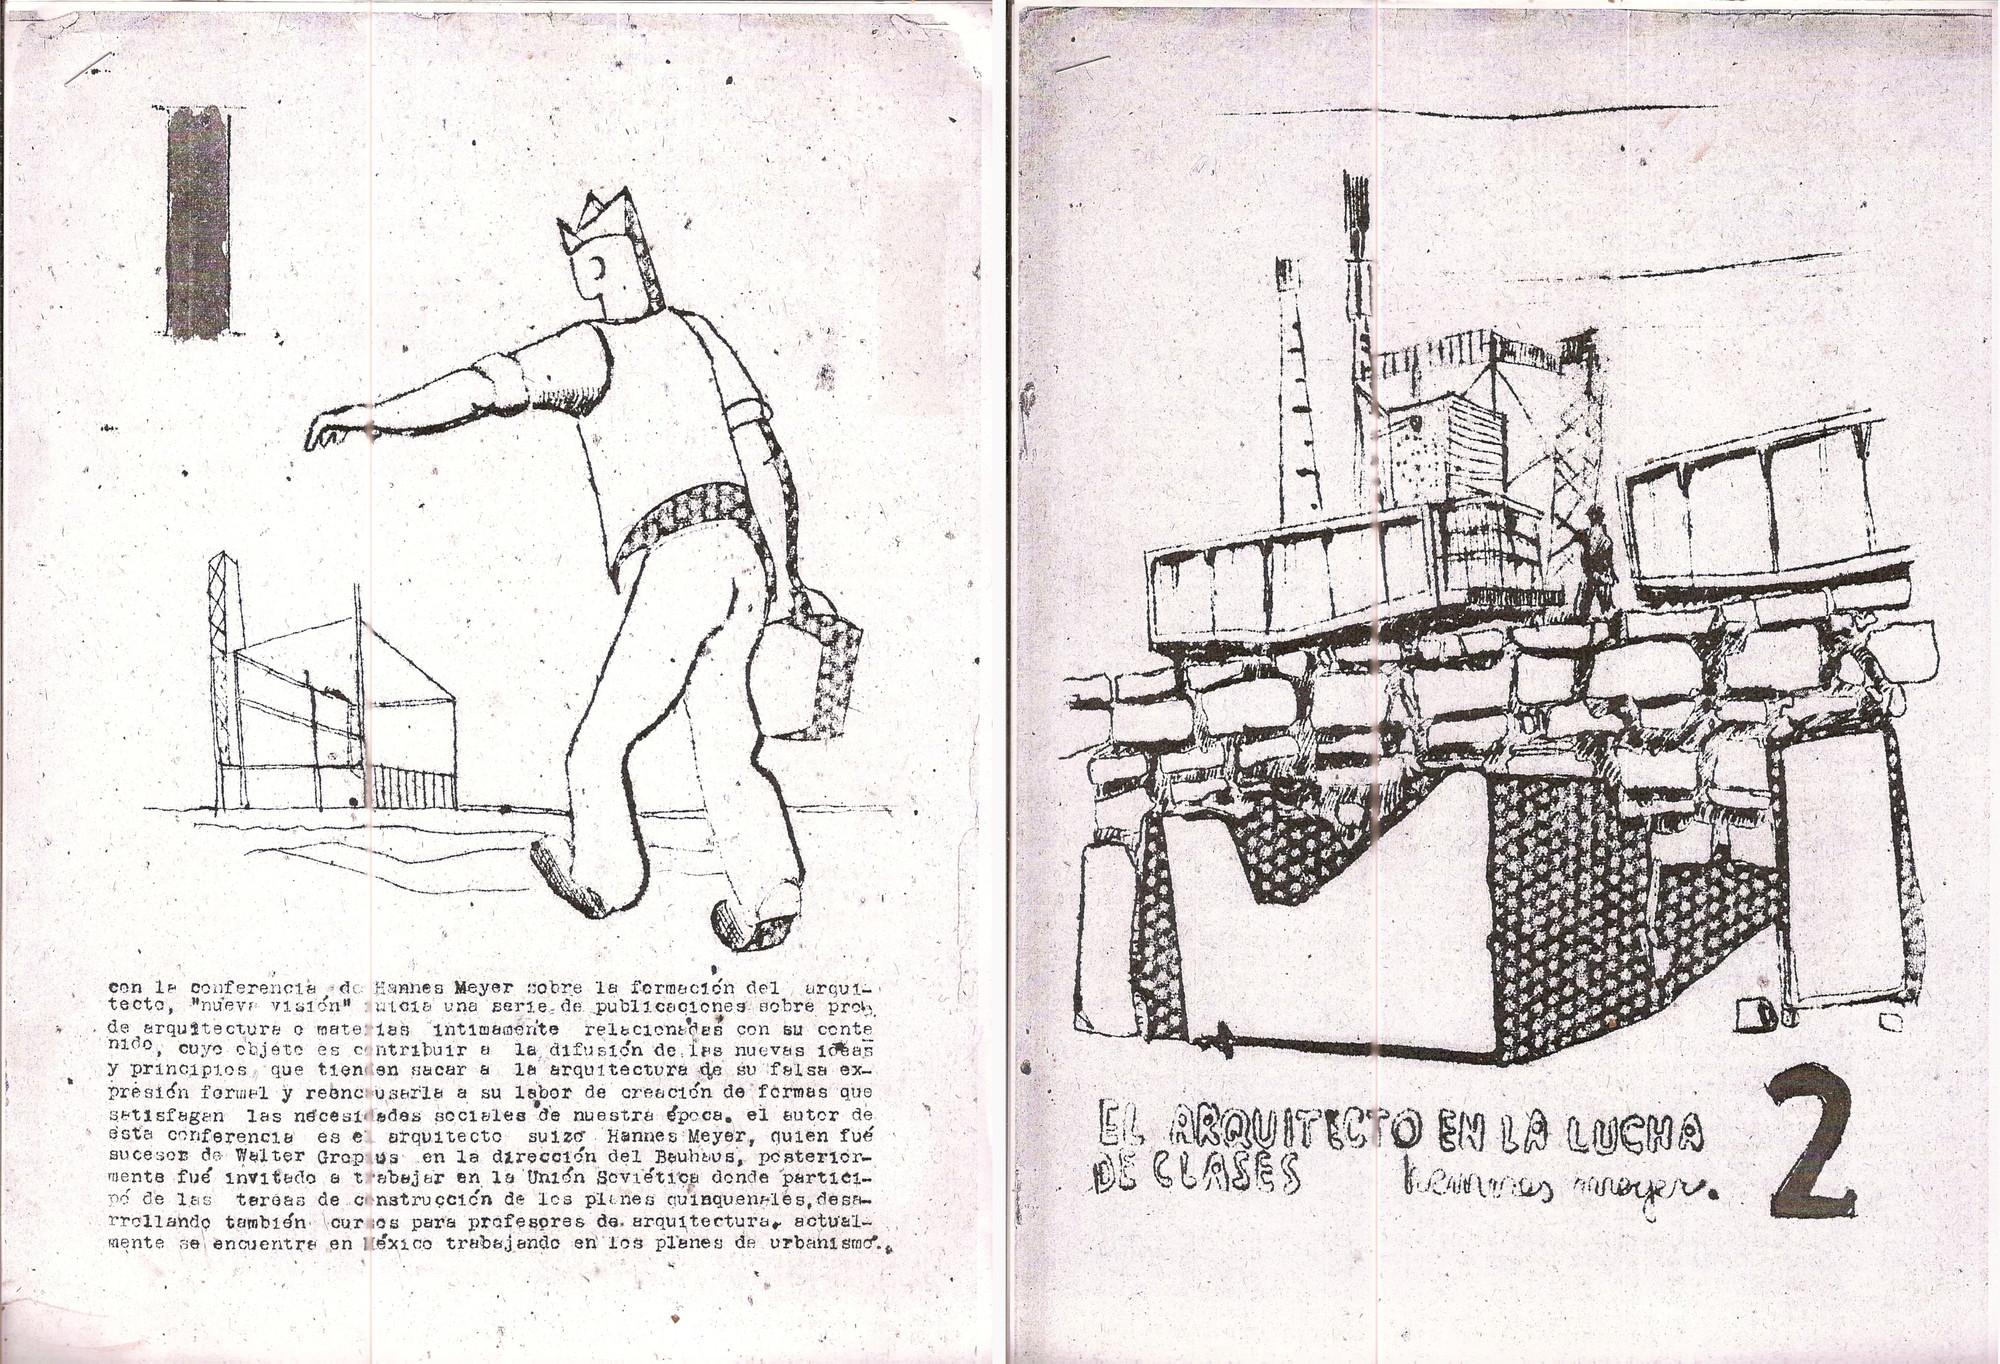 """As redes colaborativas da Bauhaus nas décadas de trinta e quarenta , Capas da revista dos estudantes da Universidade do Chile, """"Nova Visão"""" (1951) com artigos dos anos trinta escritos por Hannes Meyer. Imagem cortesia do Arquivo do arquiteto Osvaldo Cáceres"""